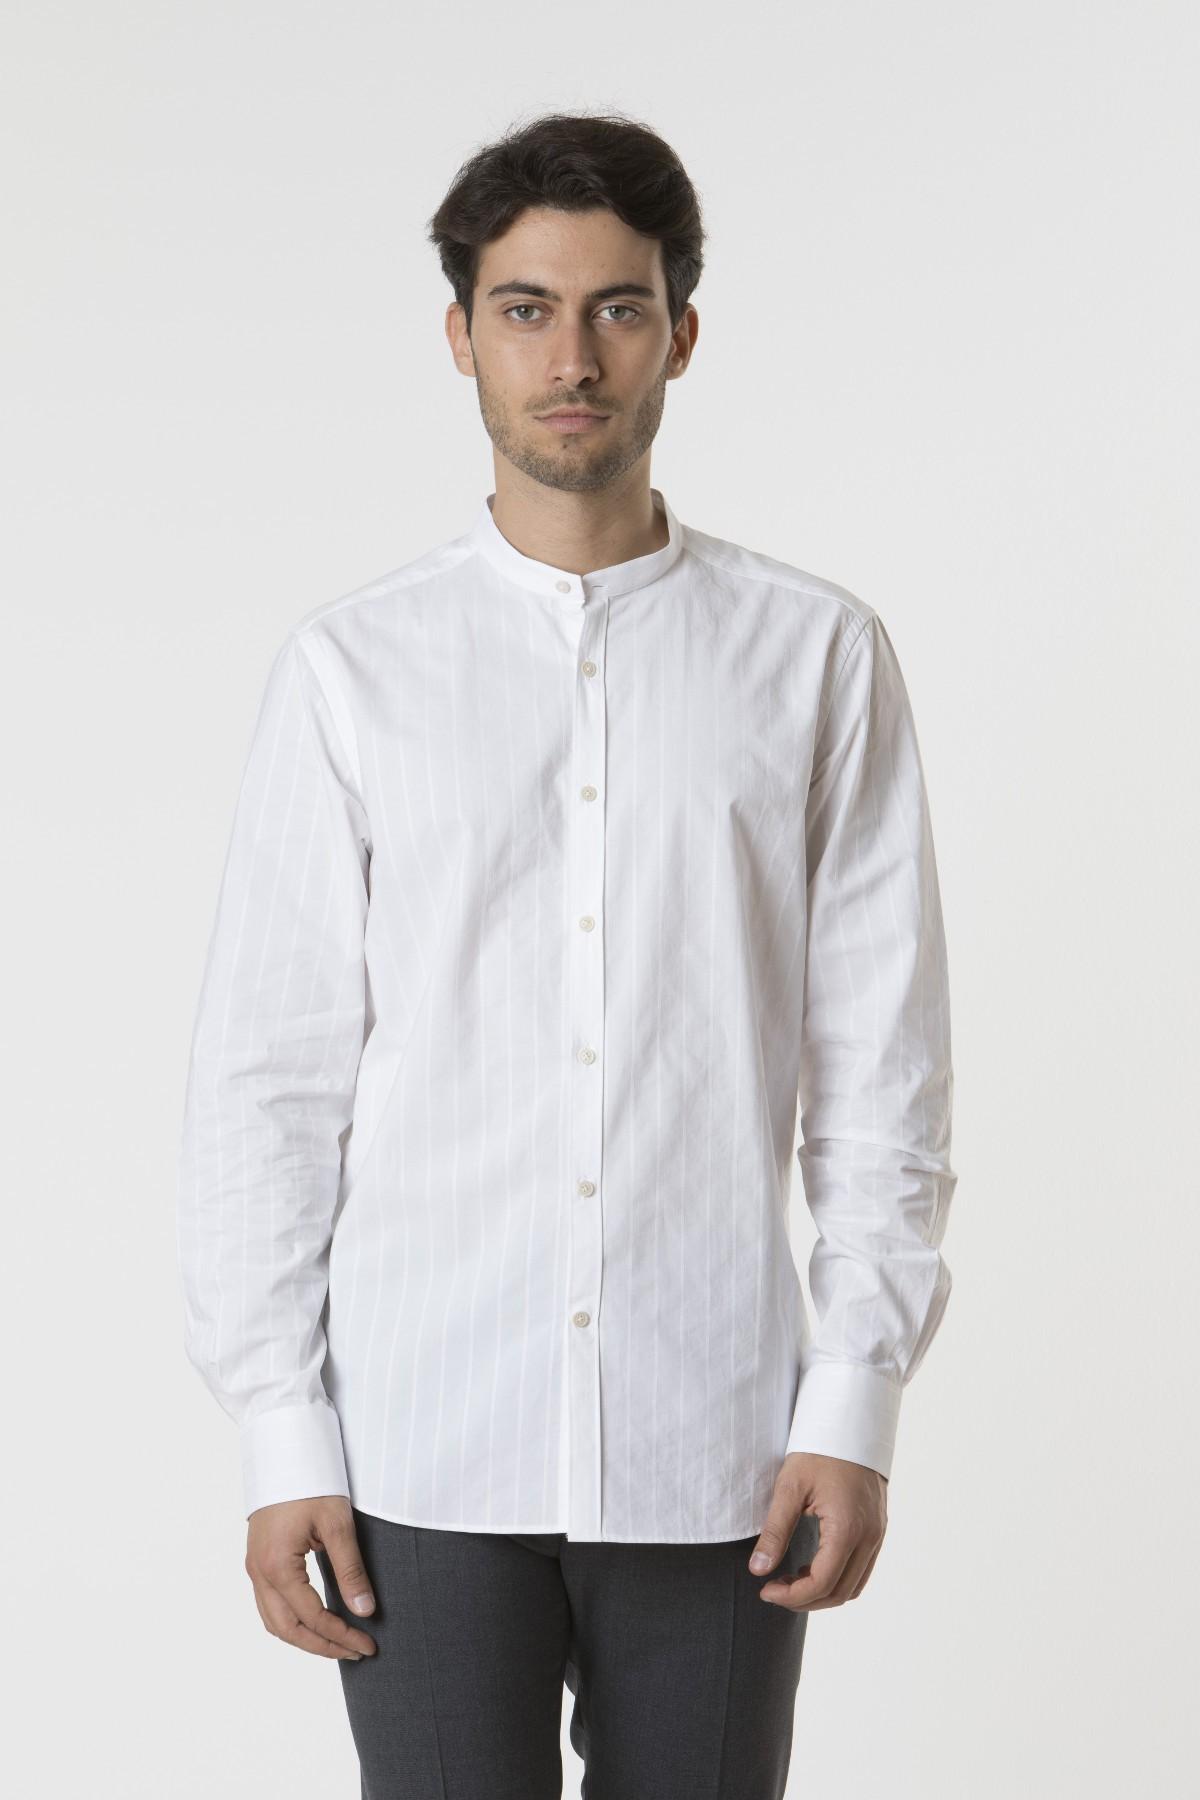 81c825e42d Camicia per uomo BORSA